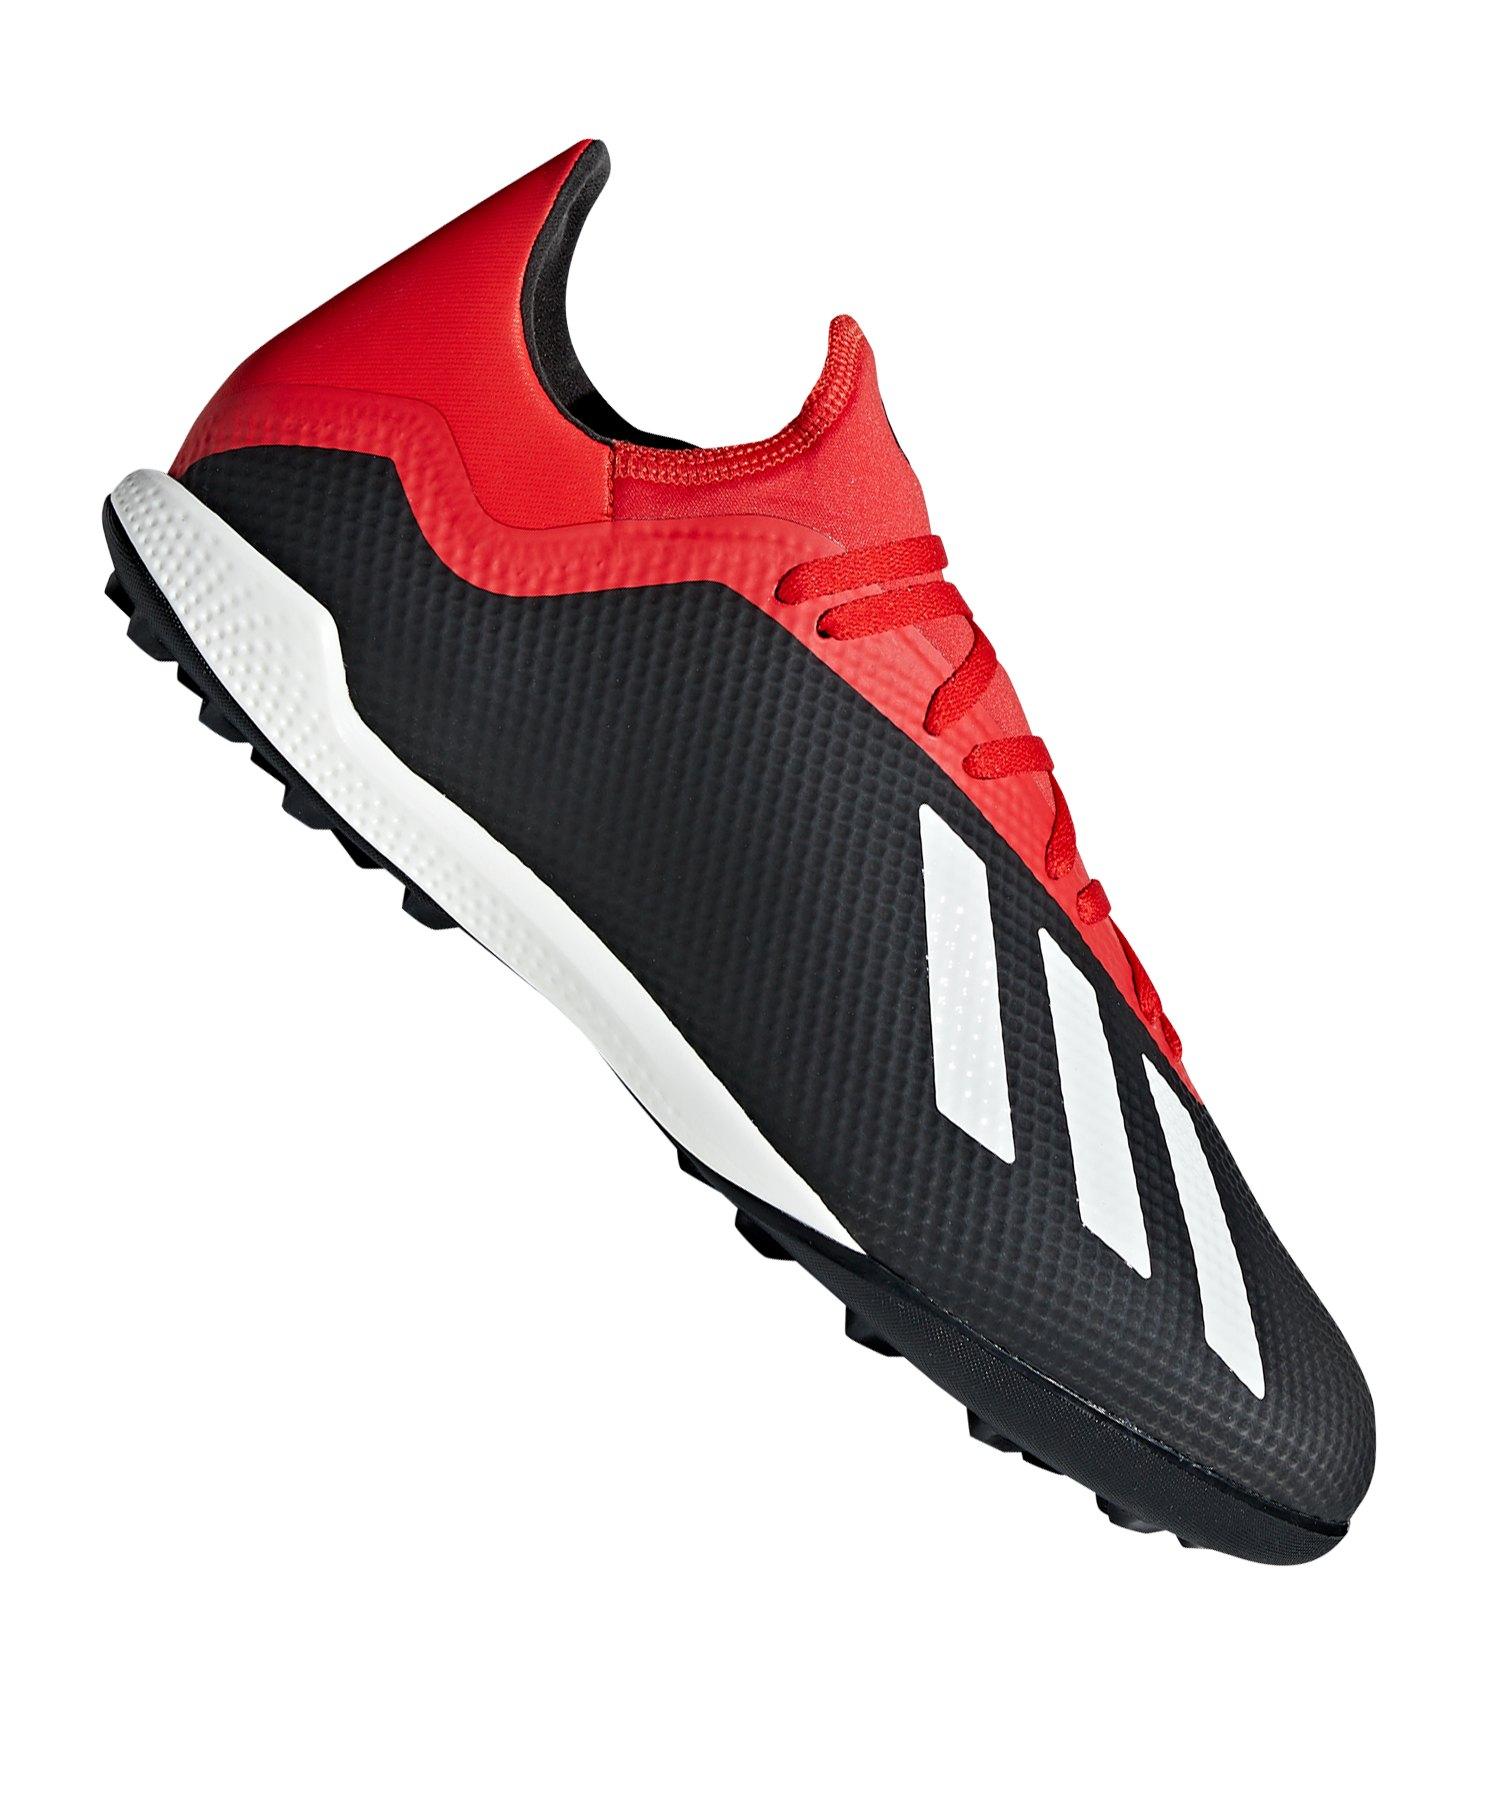 restposten adidas, Herren Adidas Climacool Revolution Rot